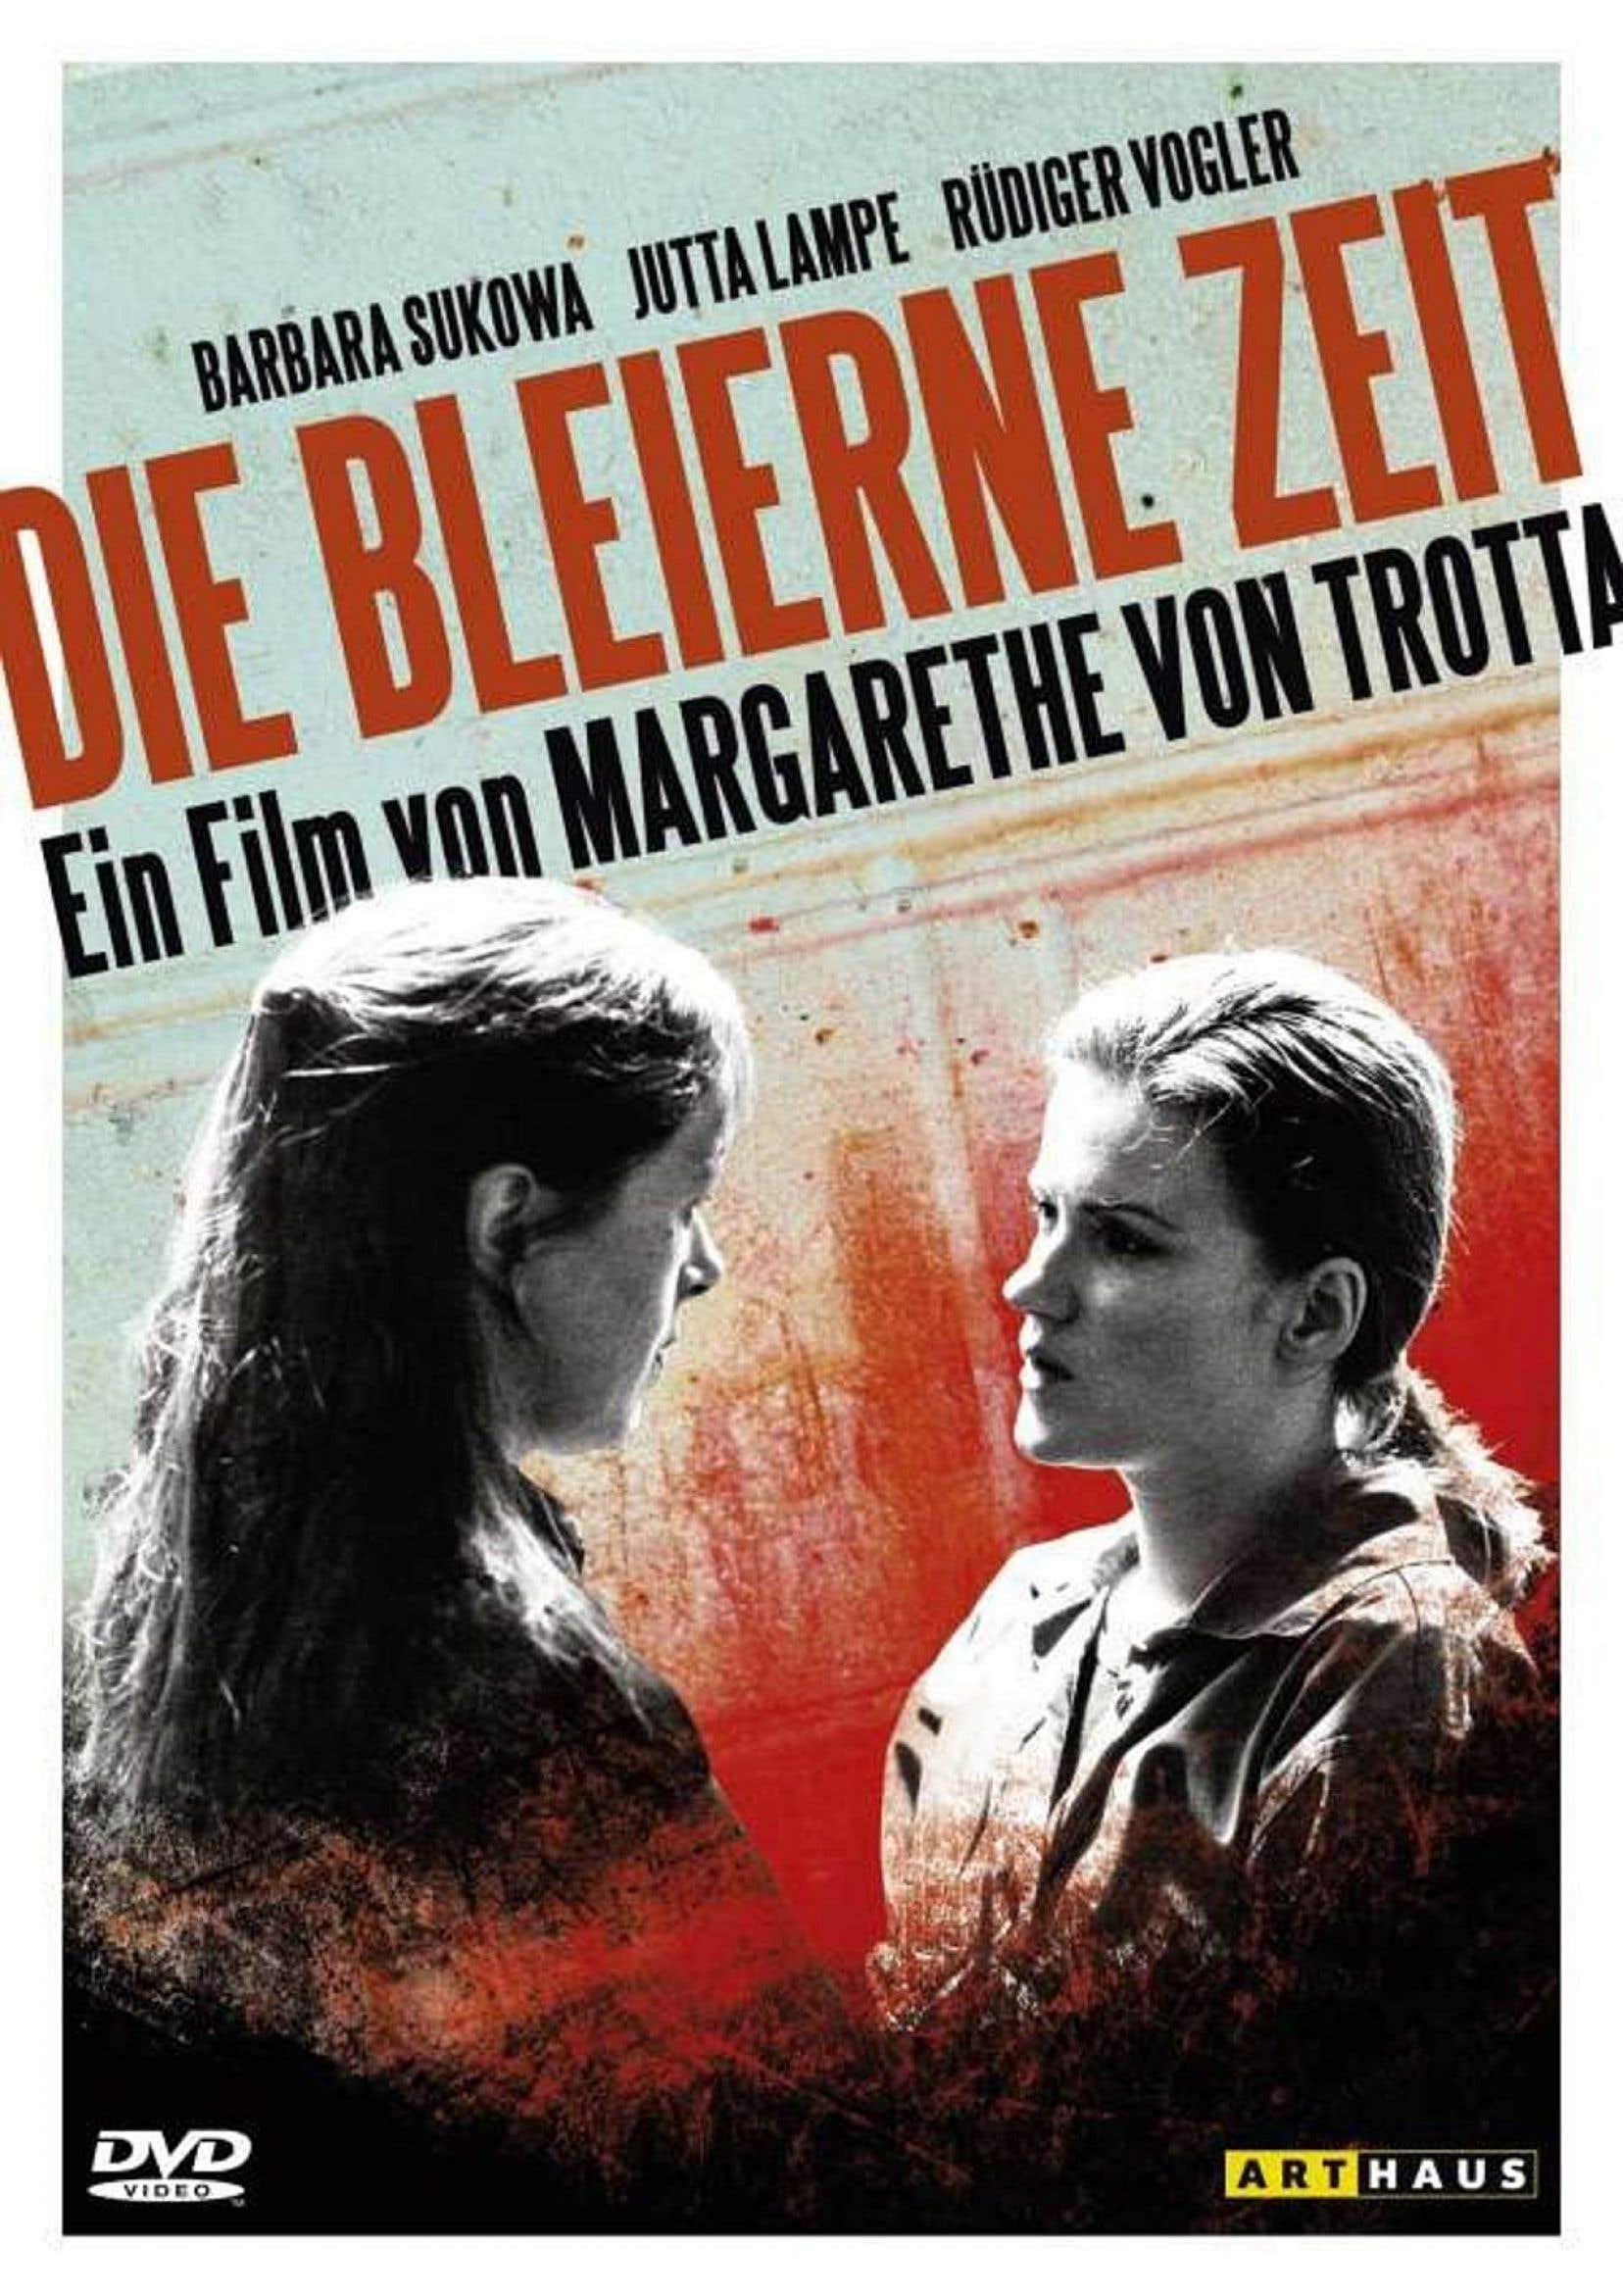 Jaquette du DVD allemand du film «Les années de plomb»